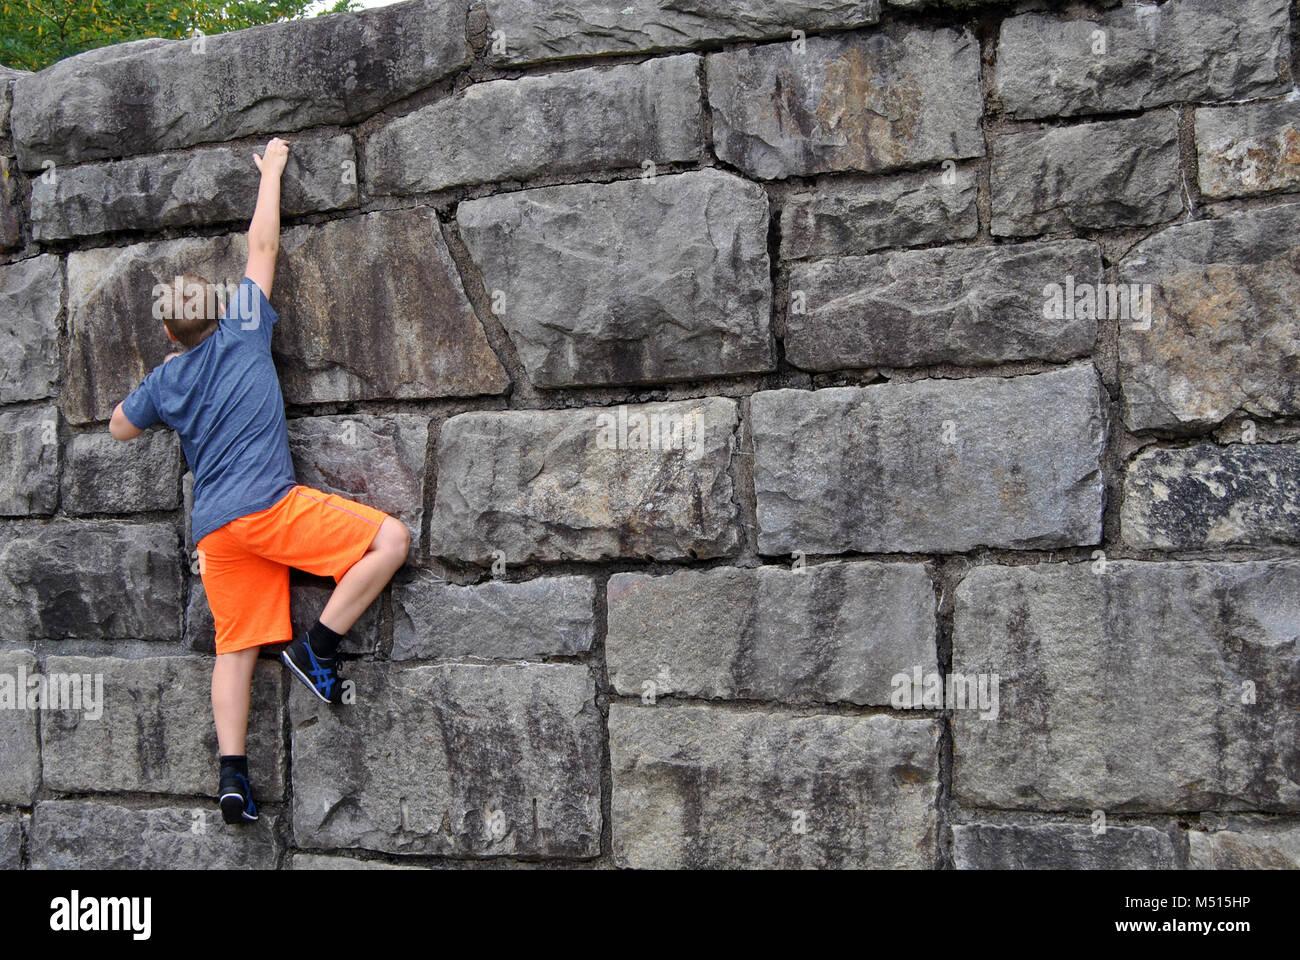 Ragazzo scalare una parete di roccia Immagini Stock